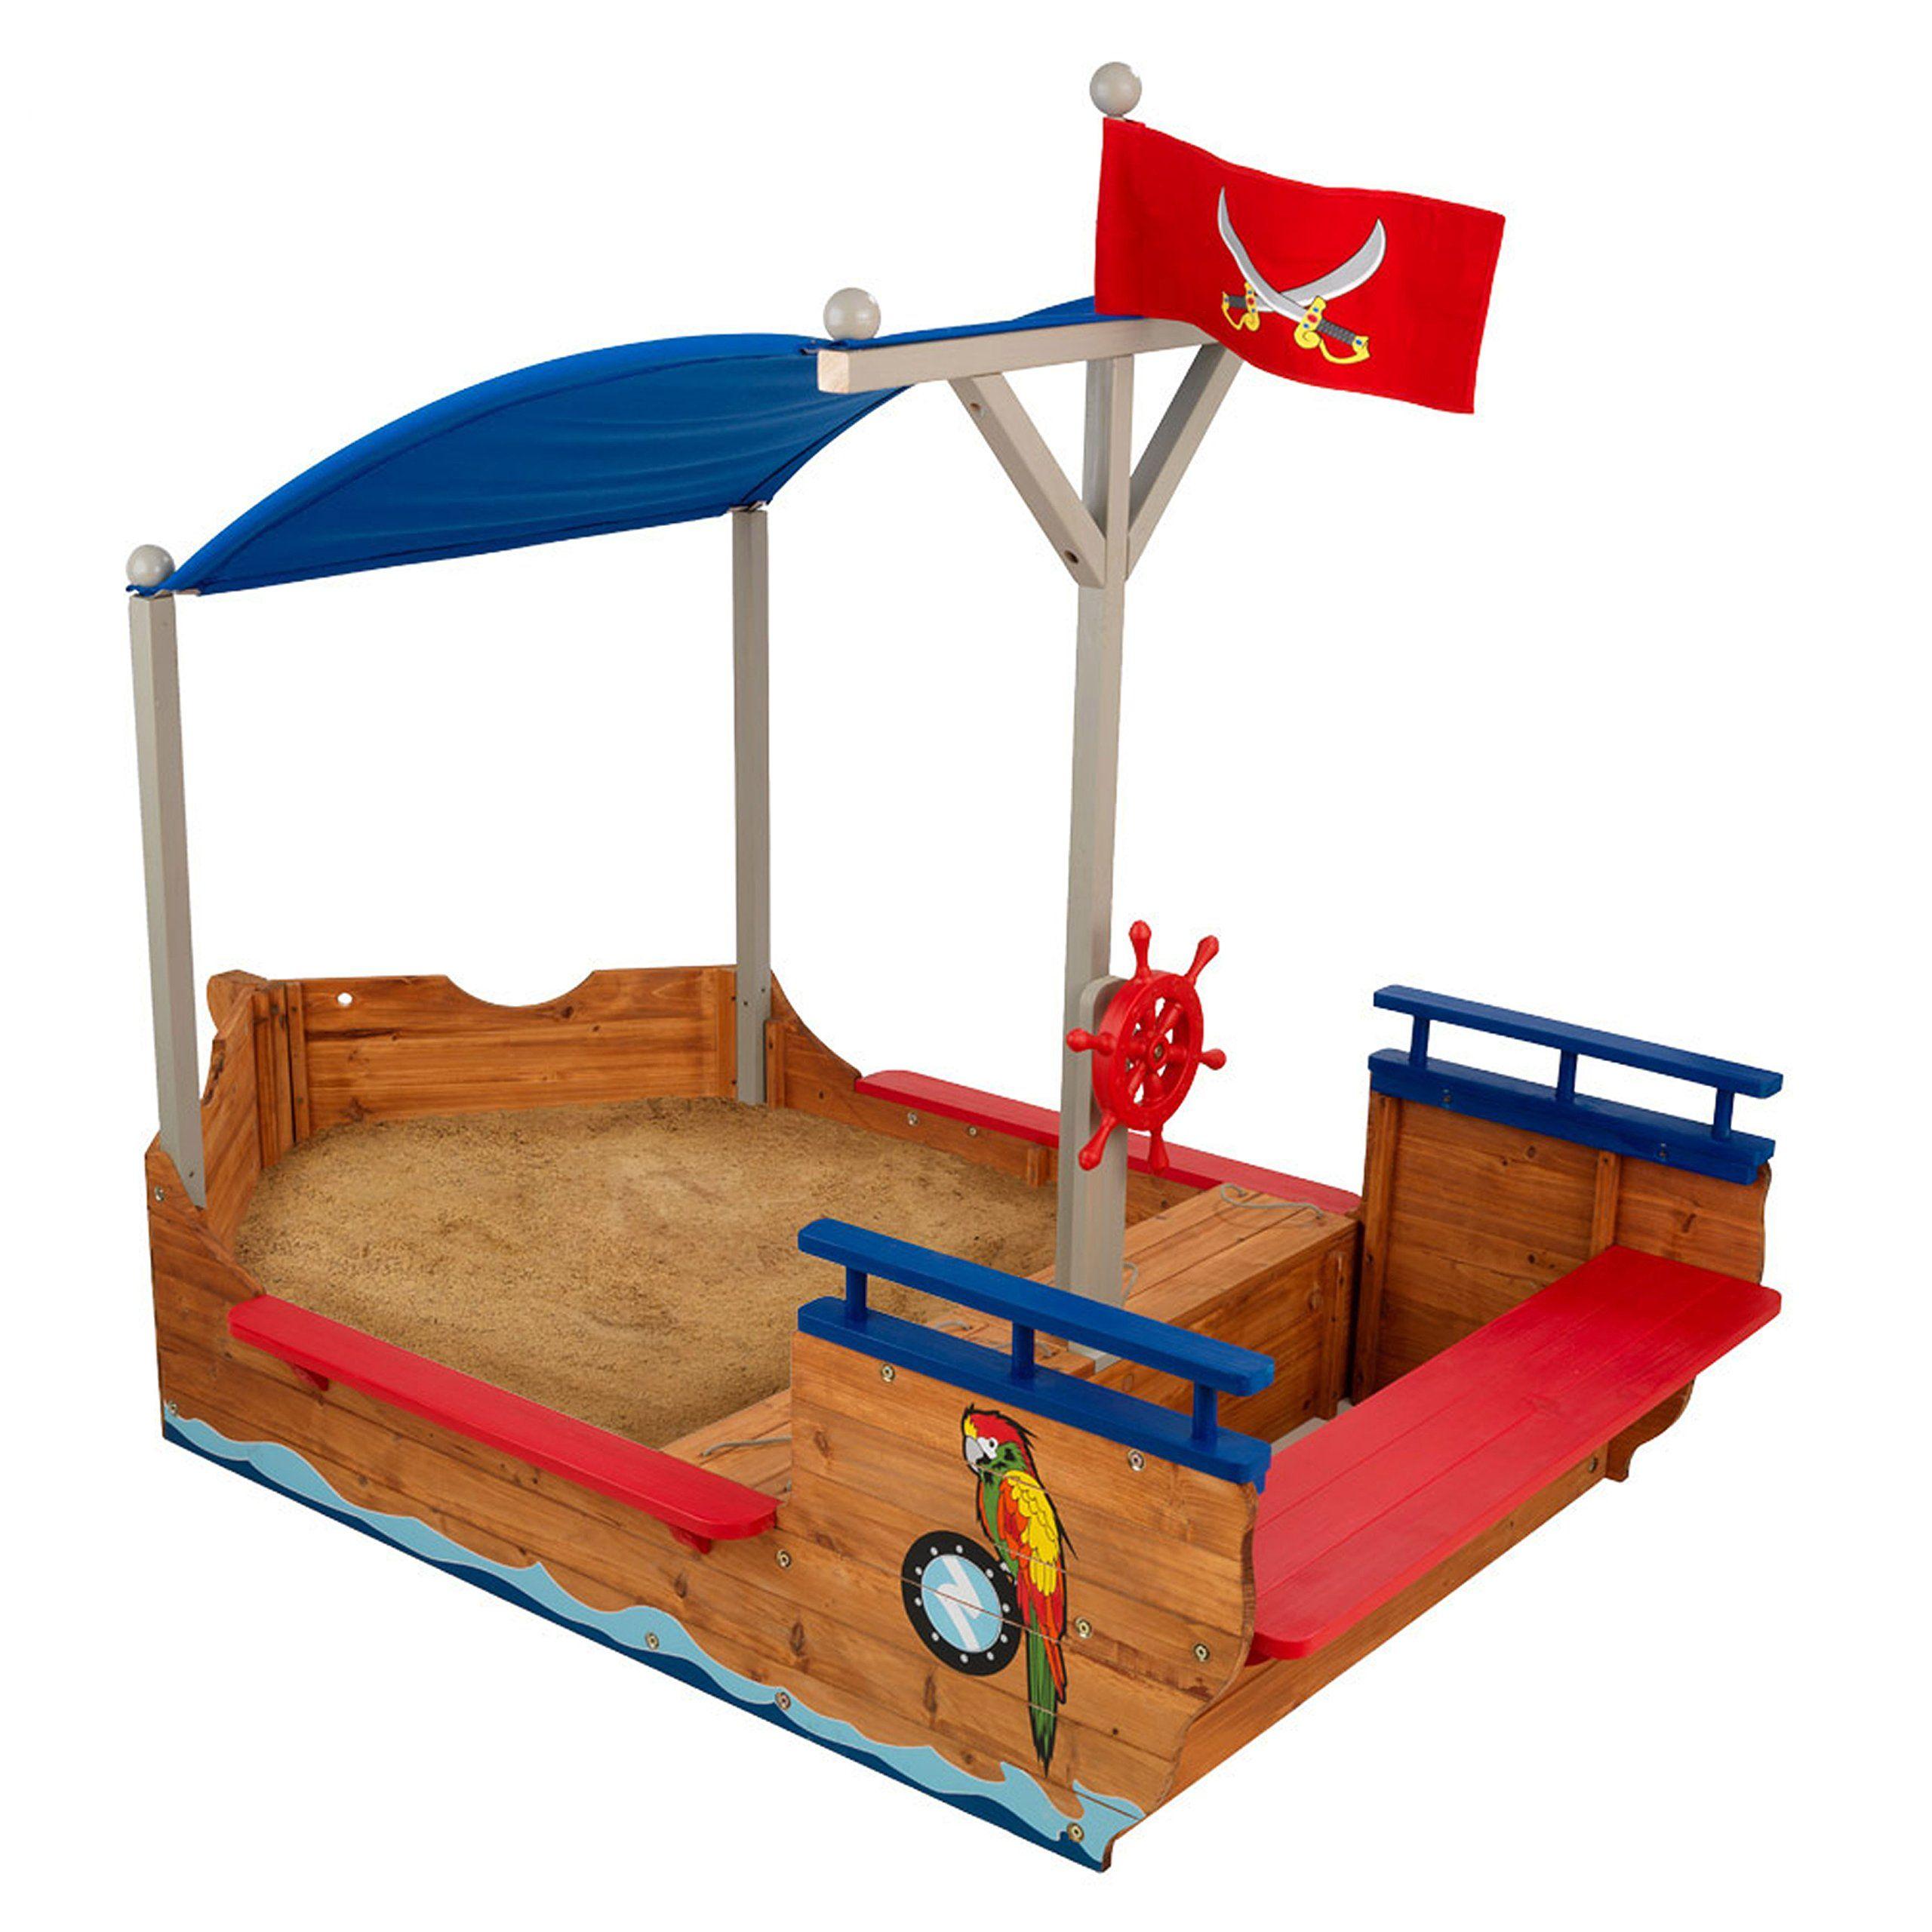 KidKraft Pirate Sandboat (With images) Kids sandbox